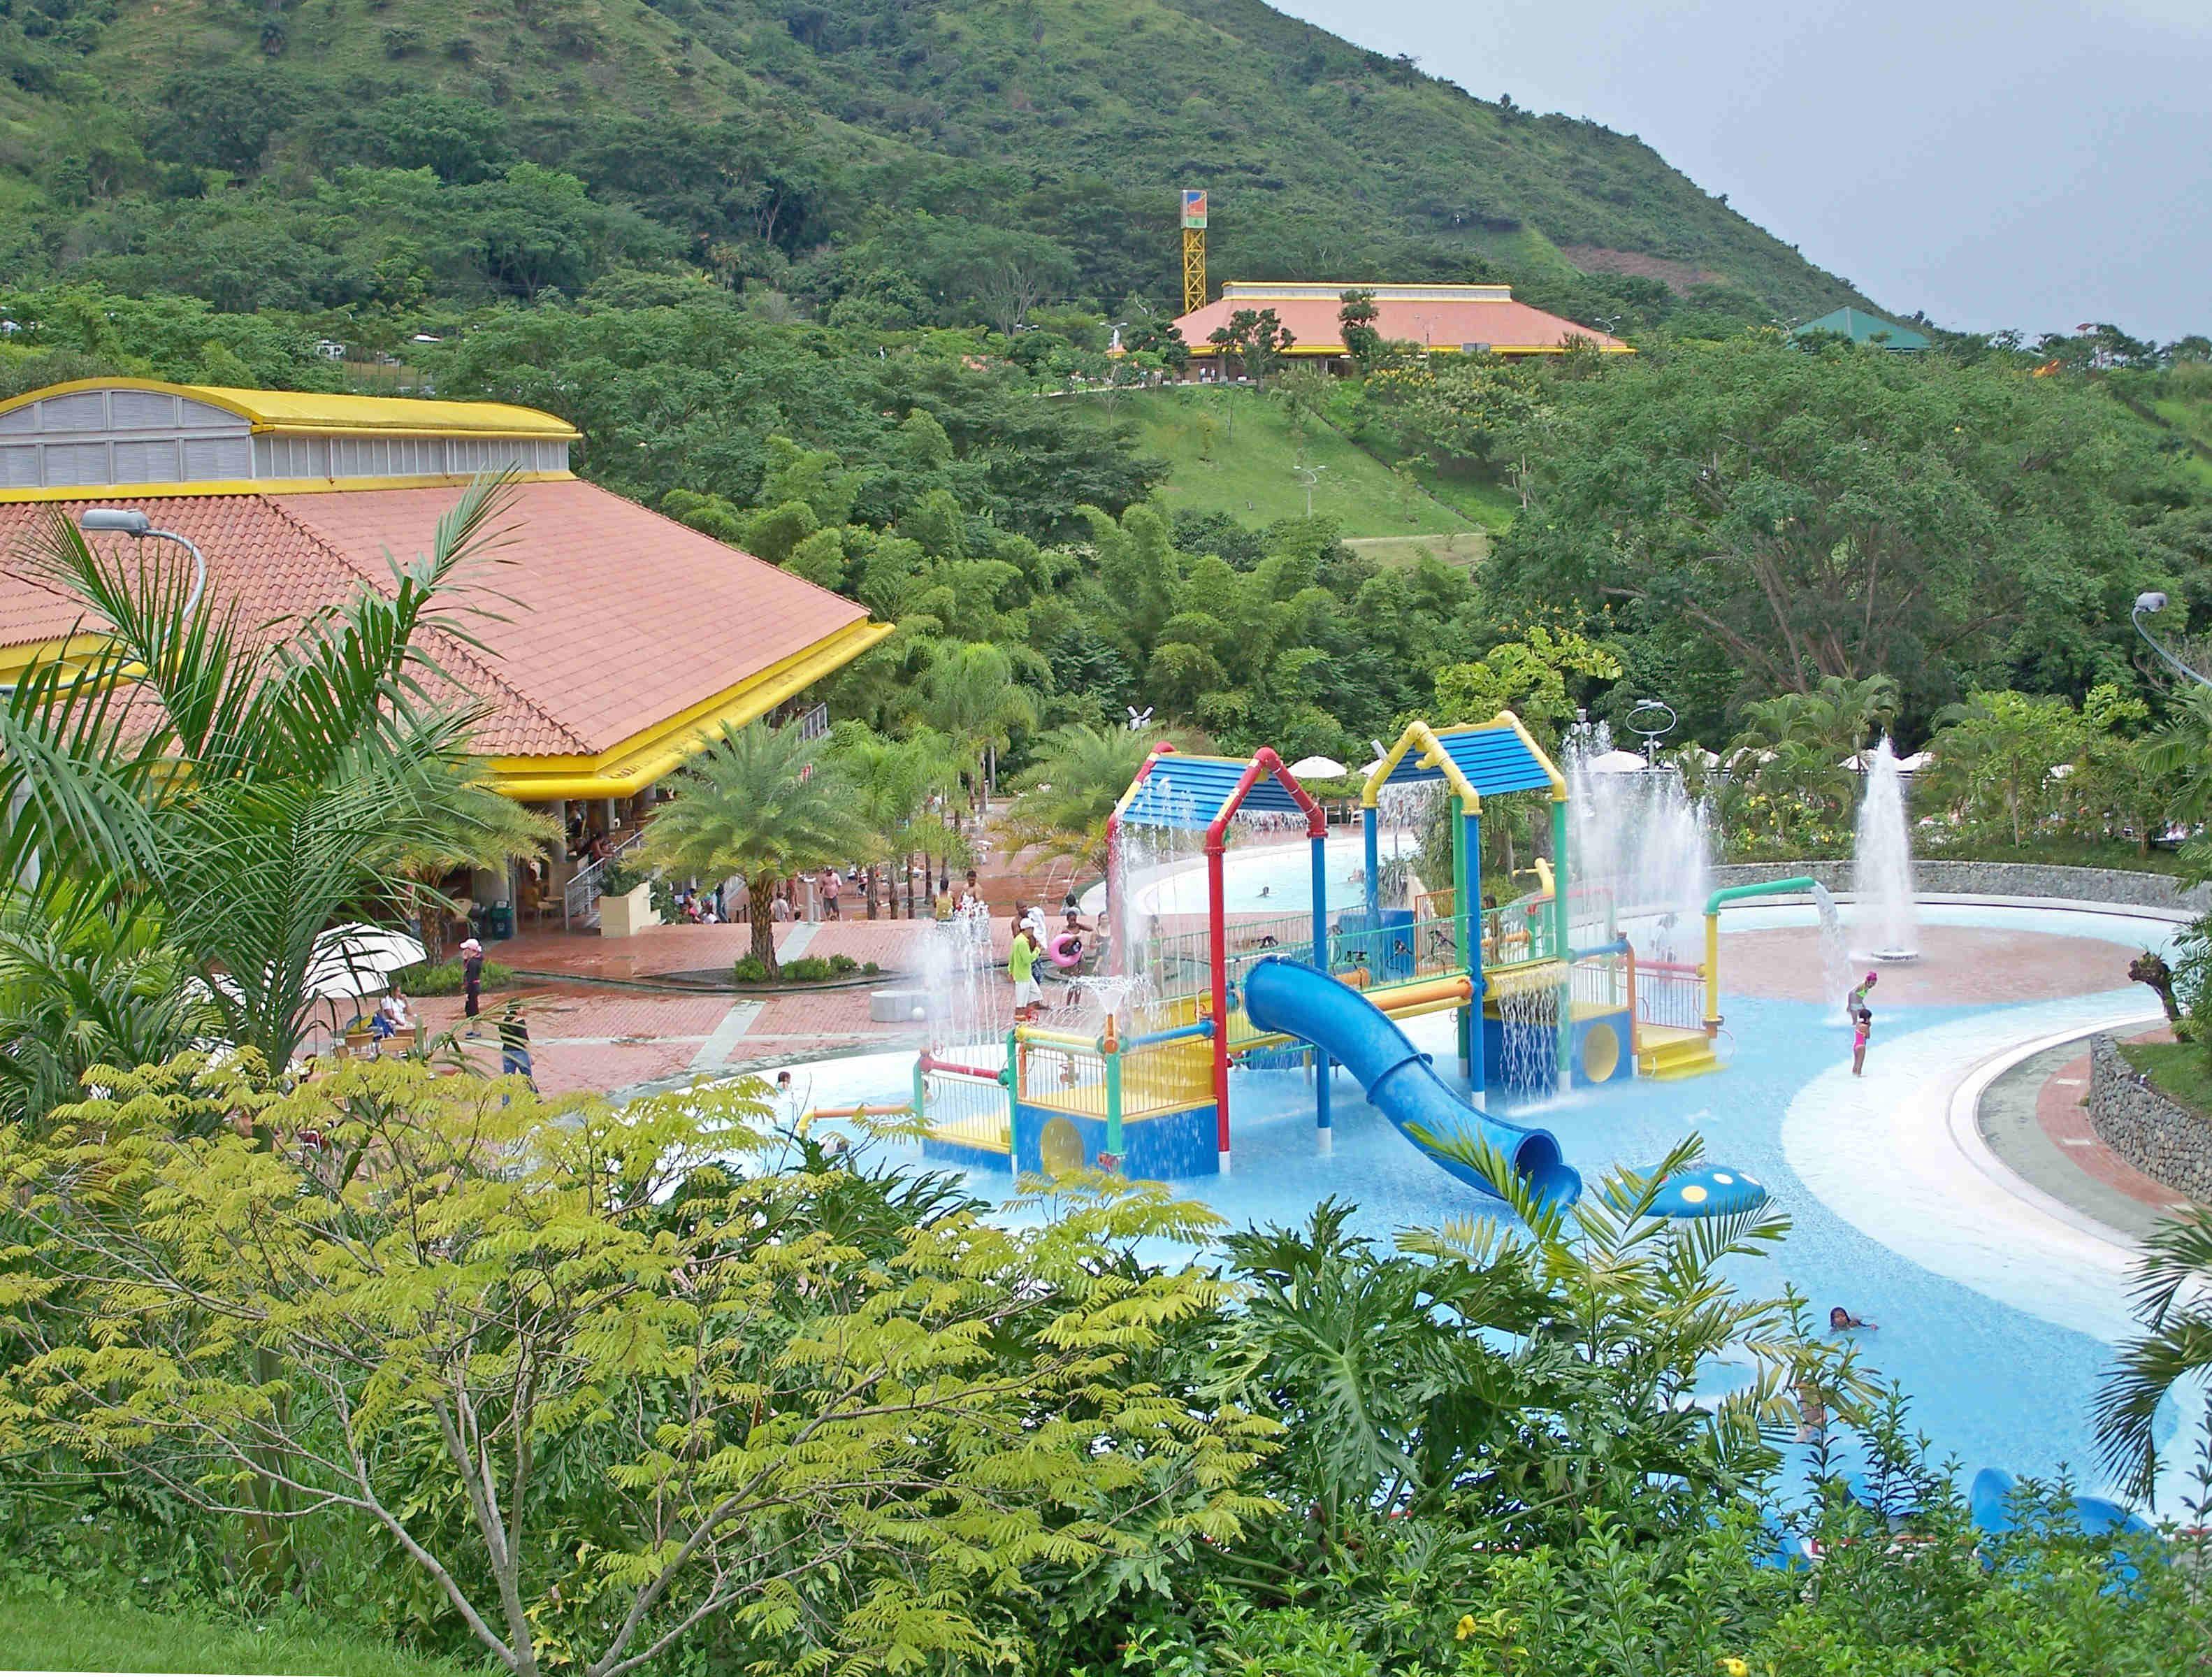 Parque Recreativo Los Tamarindos Direccion Tecnica Y Operativa De La Construccion De La Tercera Etapa Del Parque Construccion Ciudades De Colombia Parques